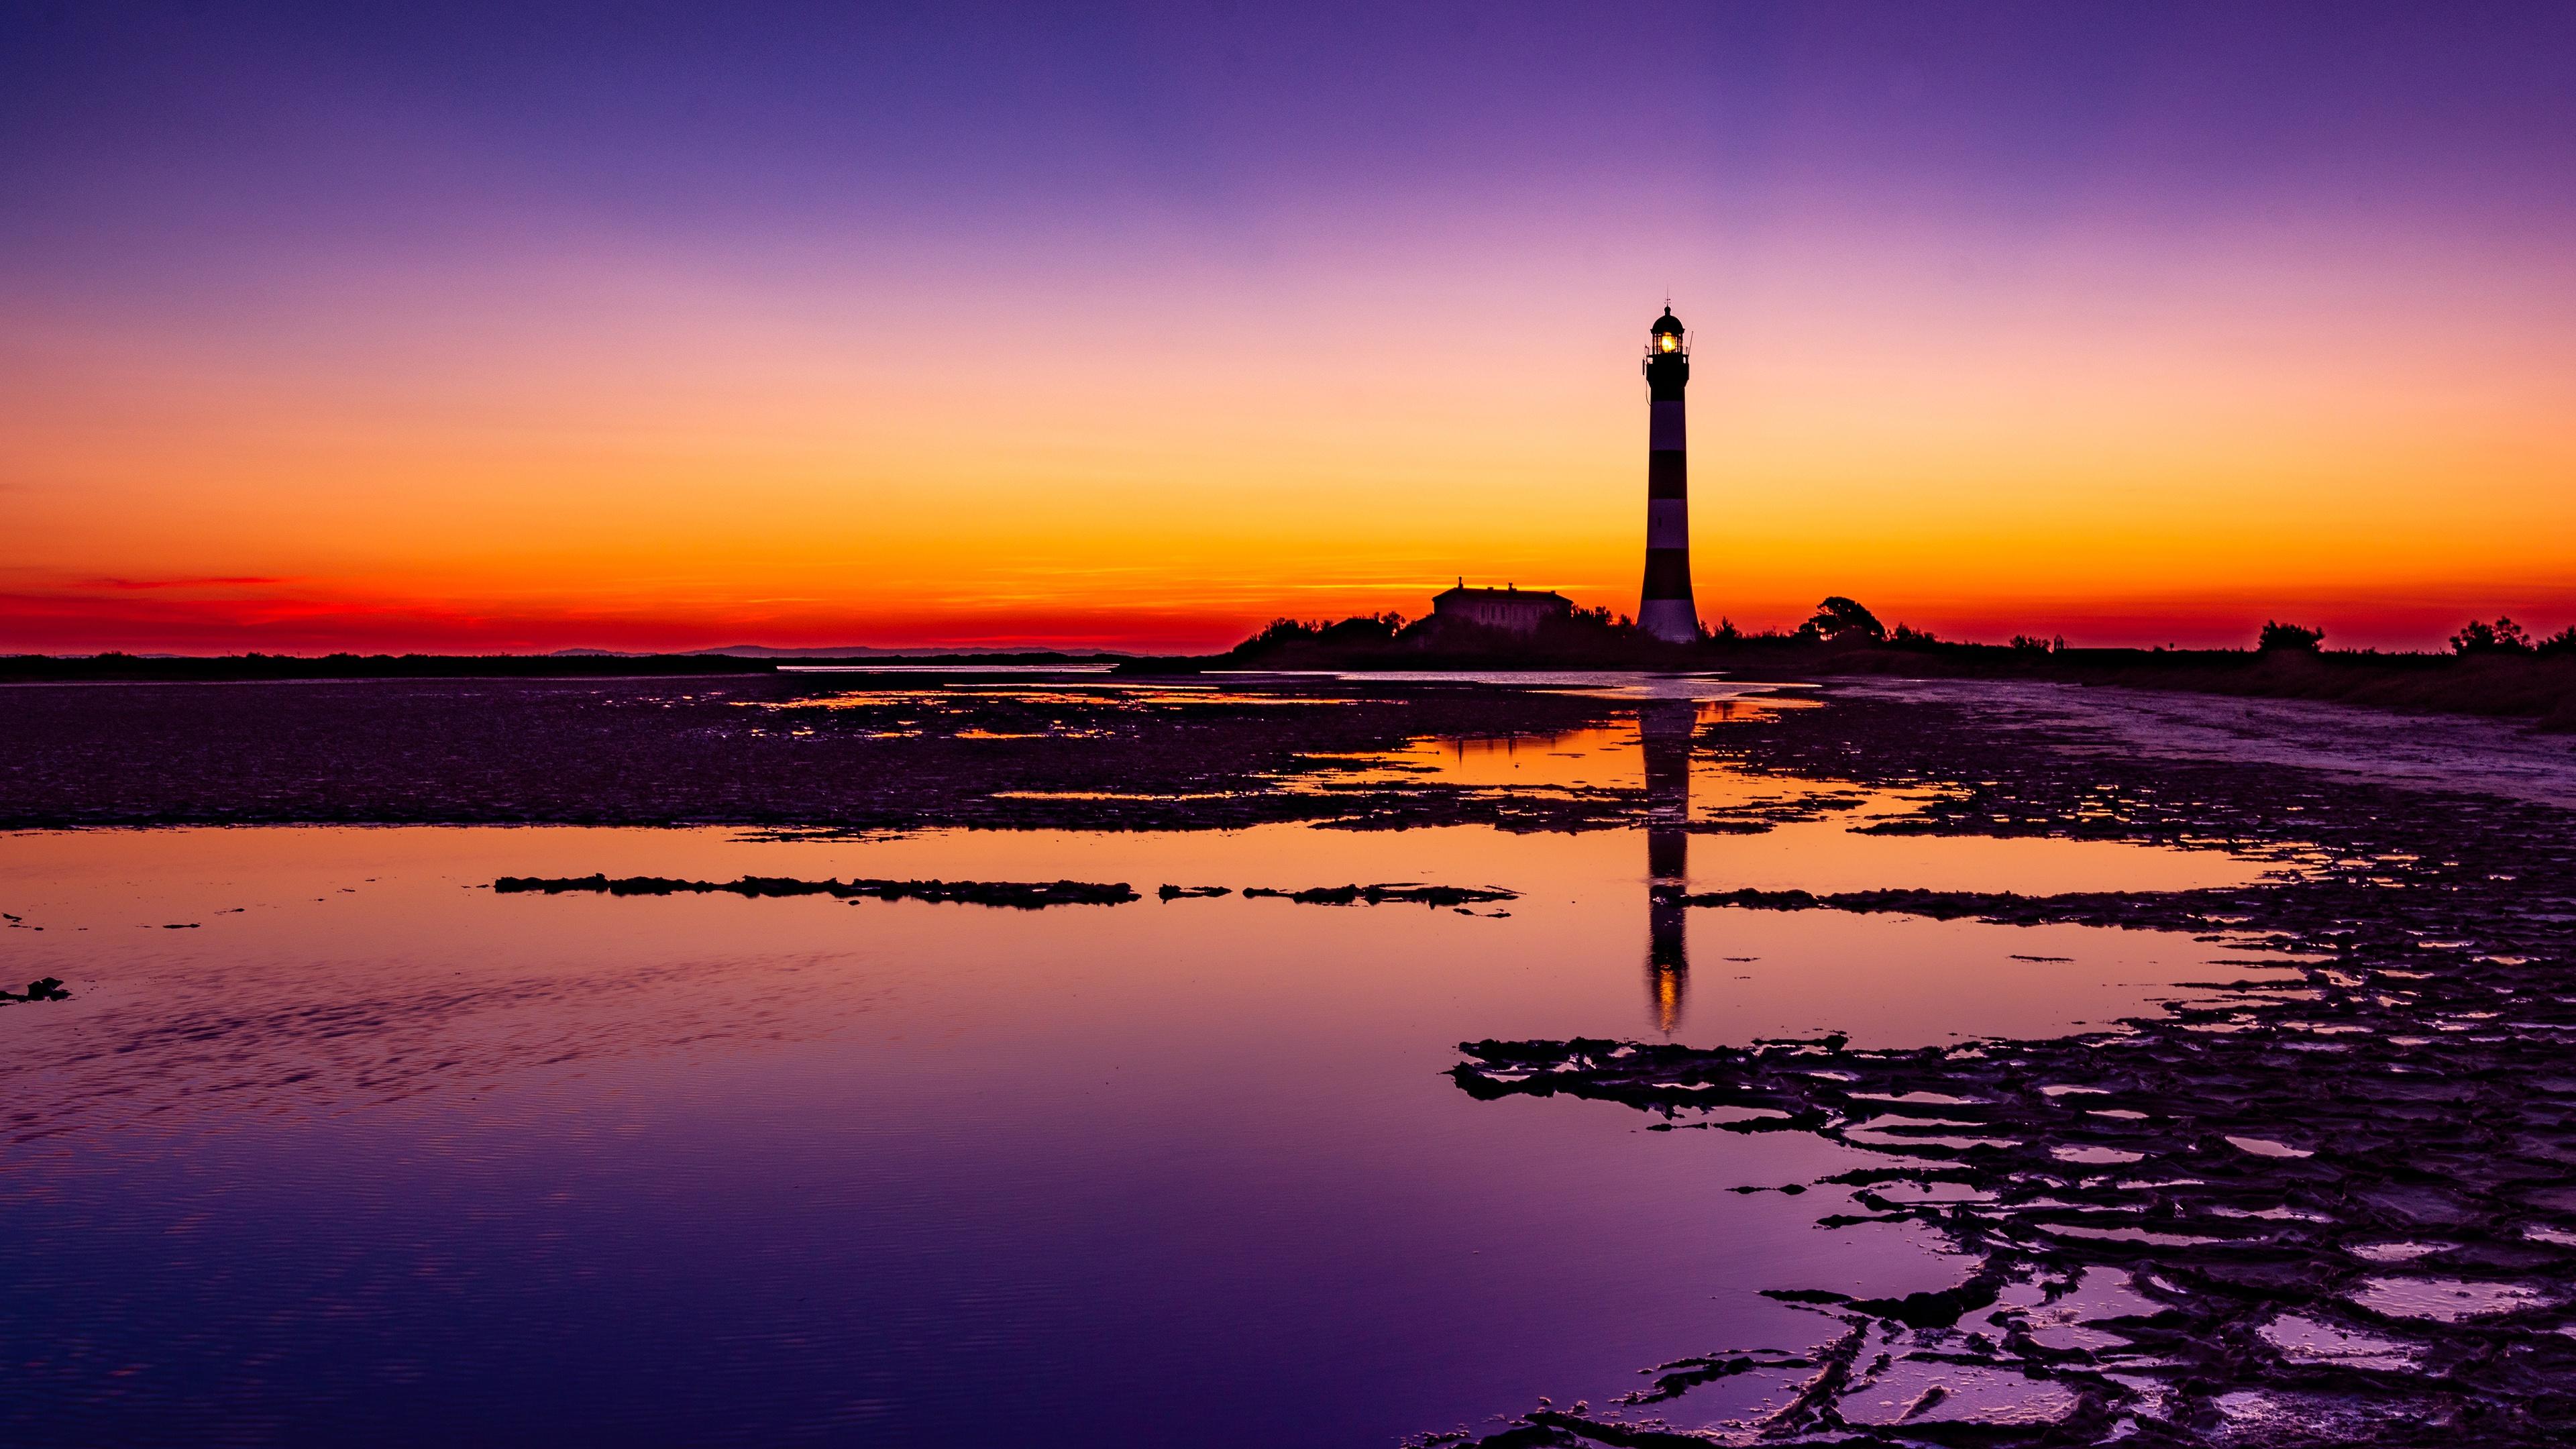 lighthouse colorful sunrise 4k 1551643350 - Lighthouse Colorful Sunrise 4k - sunrise wallpapers, sky wallpapers, nature wallpapers, lighthouse wallpapers, hd-wallpapers, evening wallpapers, colorful wallpapers, 4k-wallpapers